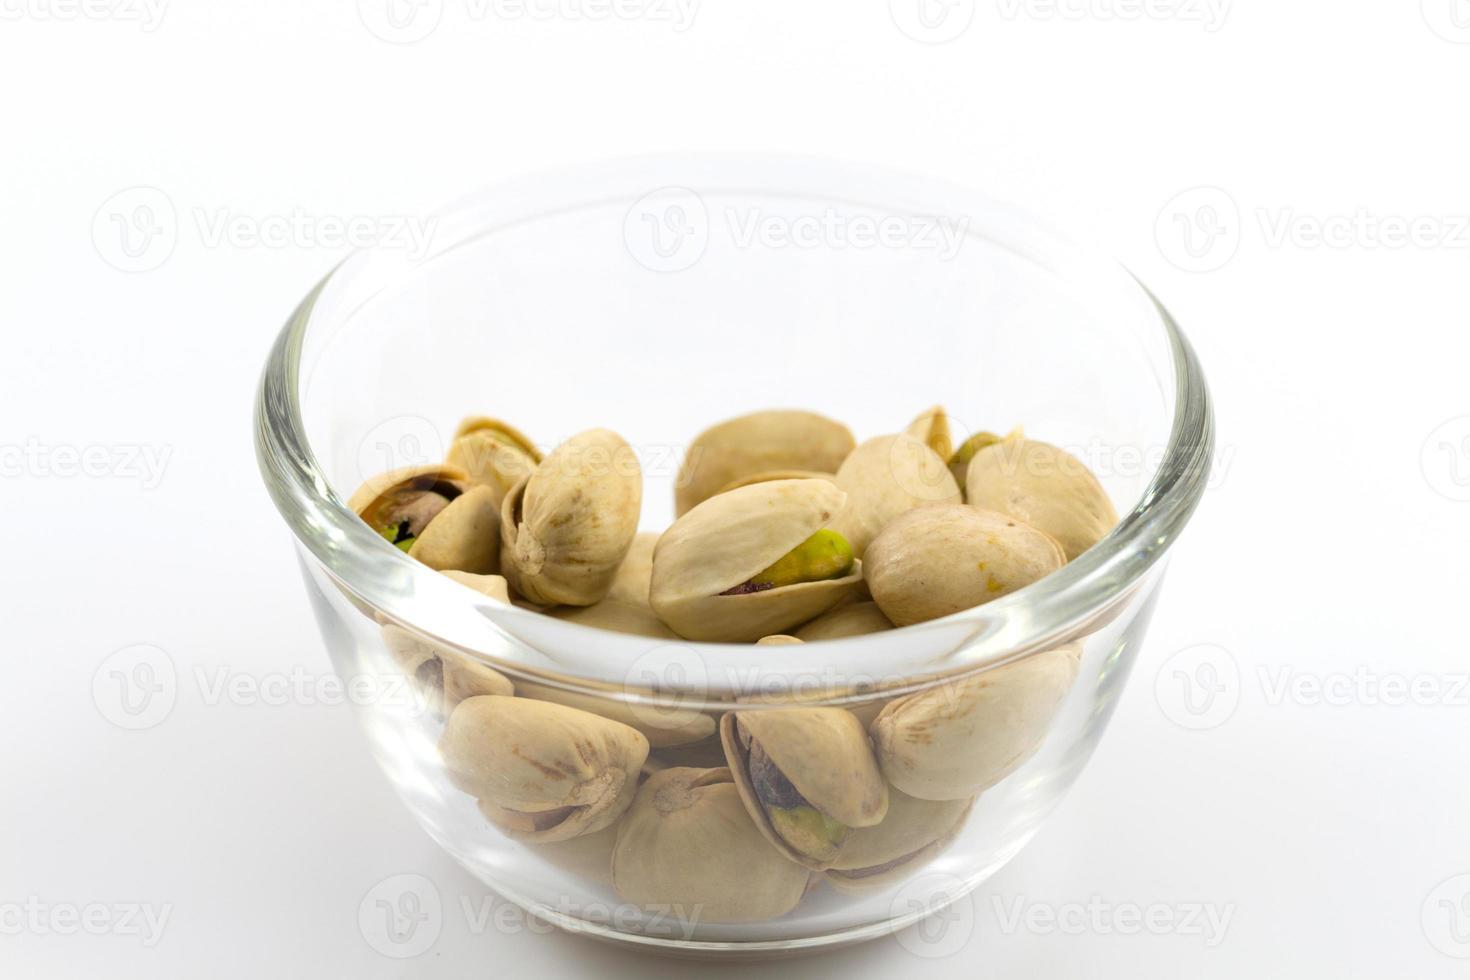 pistacchi in una lastra di vetro, isolato su sfondo bianco foto